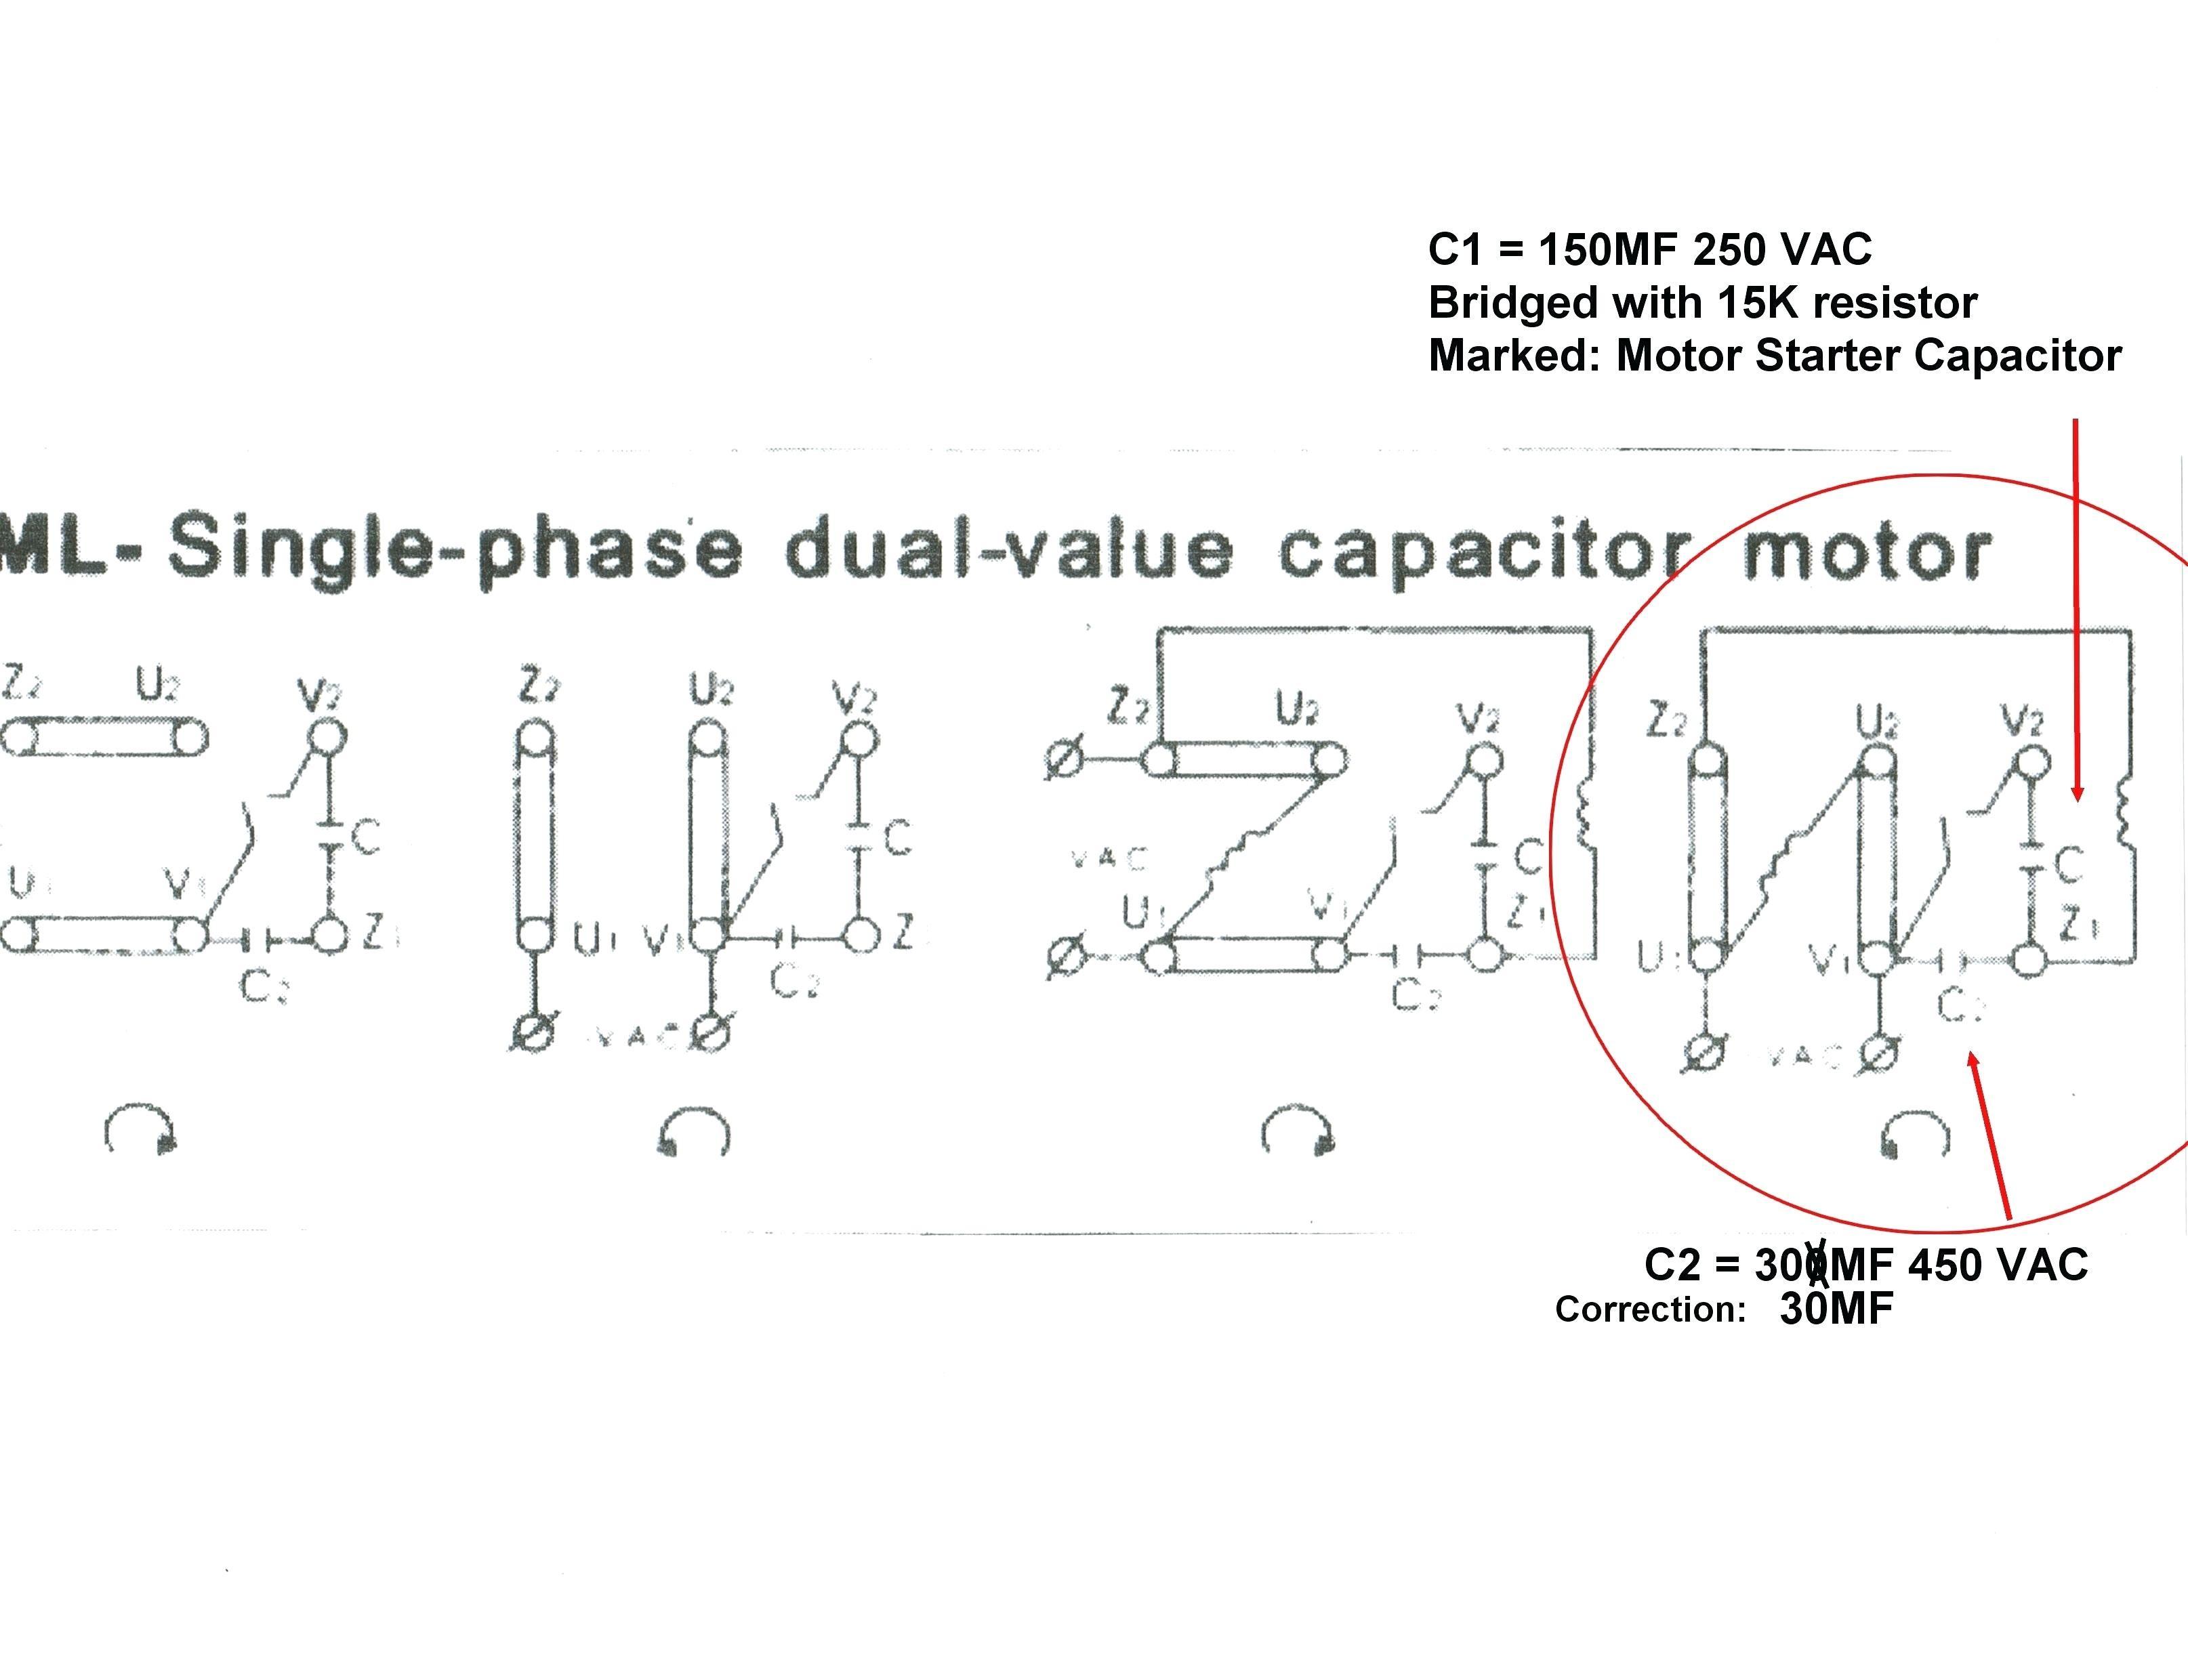 Baldor Motor Capacitor Wiring Diagram Motor Wiring Diagram Baldor Single Phase This is A Picture Motors Of Baldor Motor Capacitor Wiring Diagram